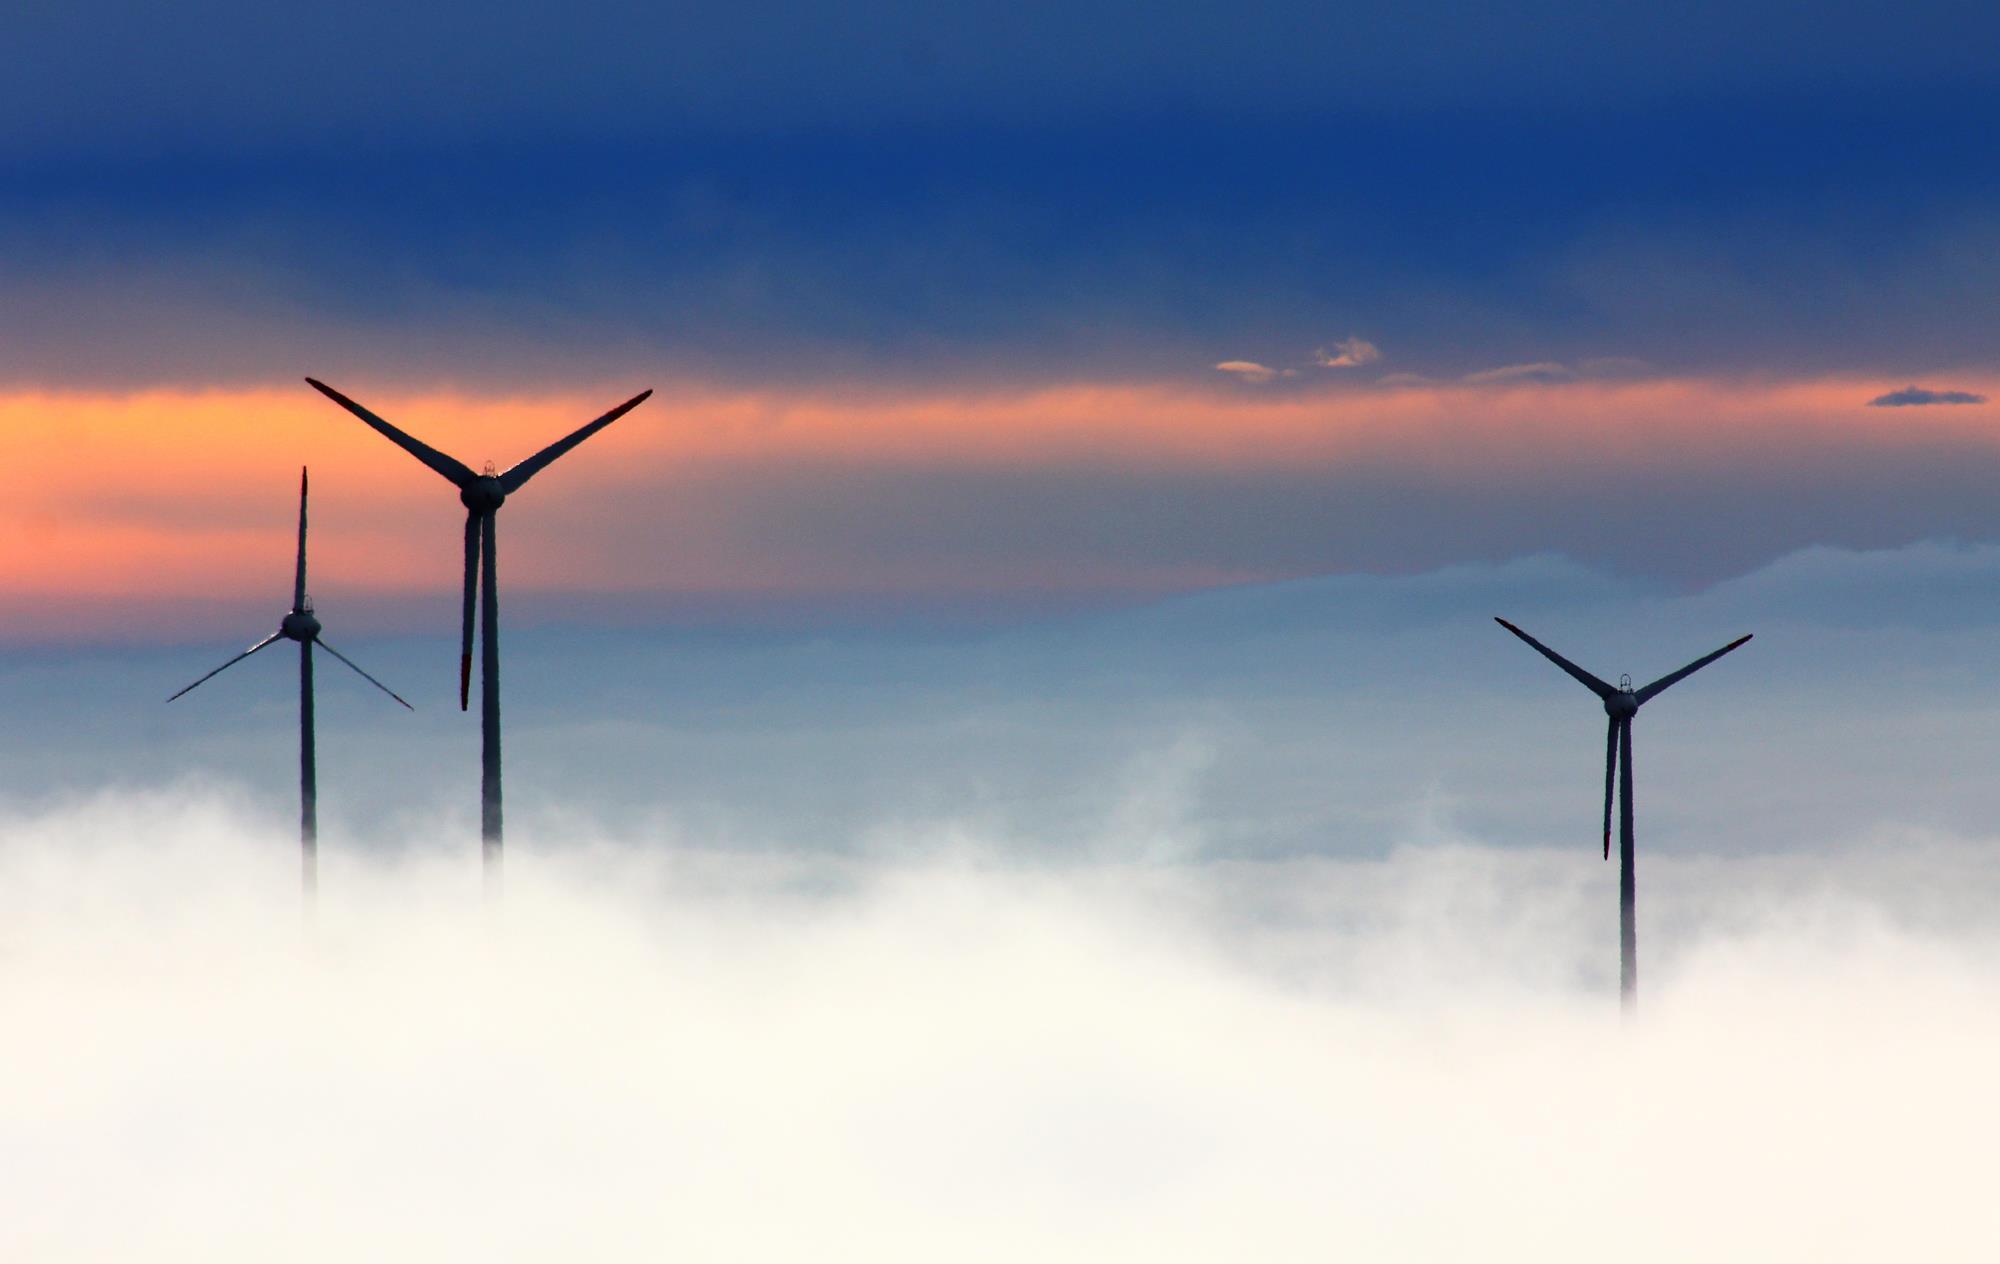 windrader wind power fichtelberg wind park